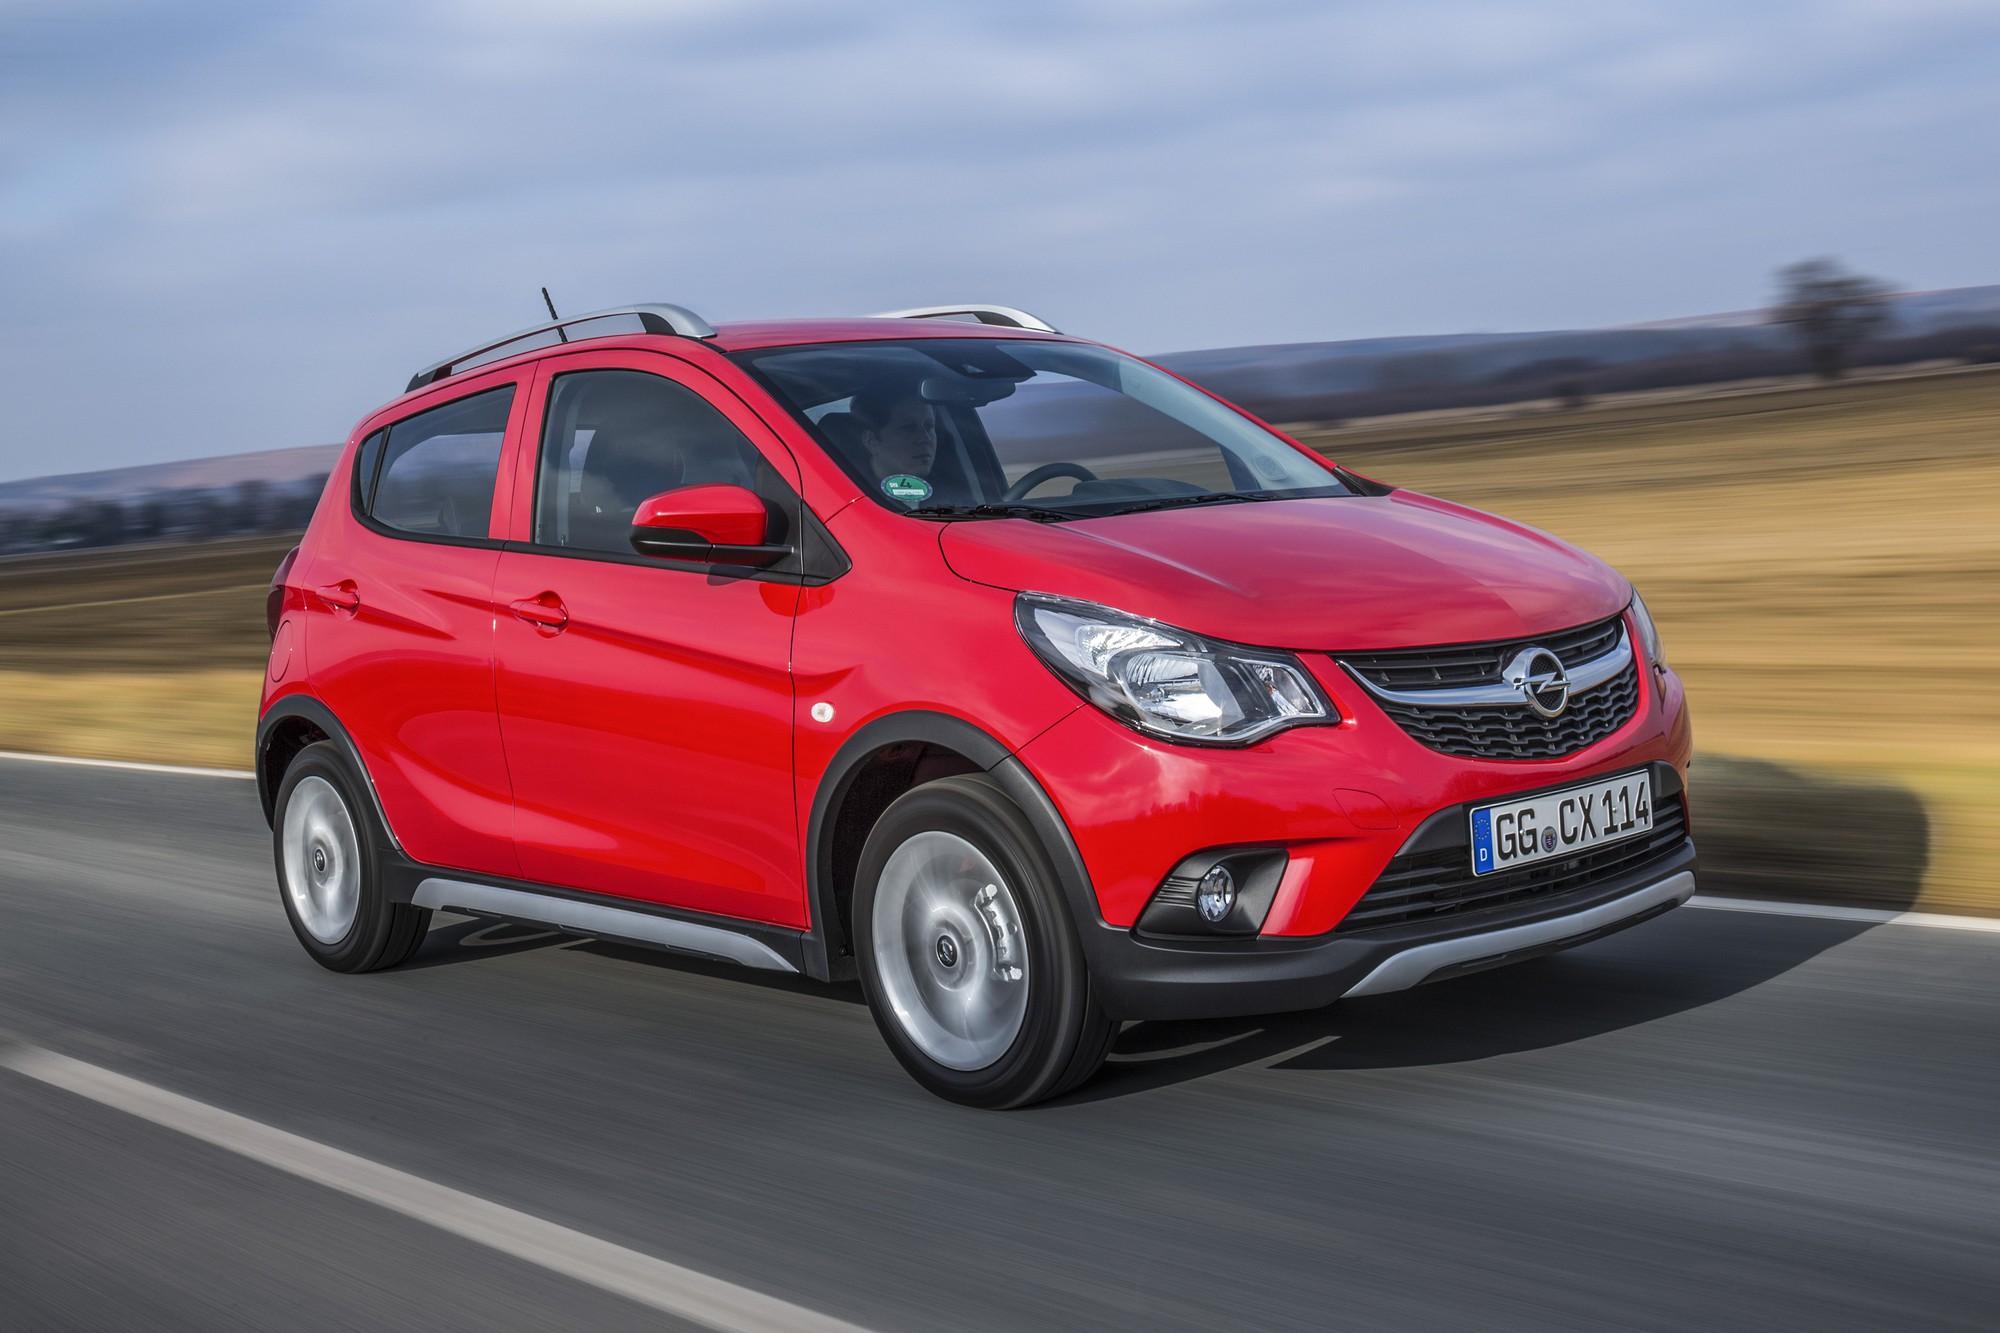 VinFast Fadil đã được nâng cấp những gì so với nguyên mẫu Opel Karl Rocks phiên bản châu Âu? - Ảnh 4.